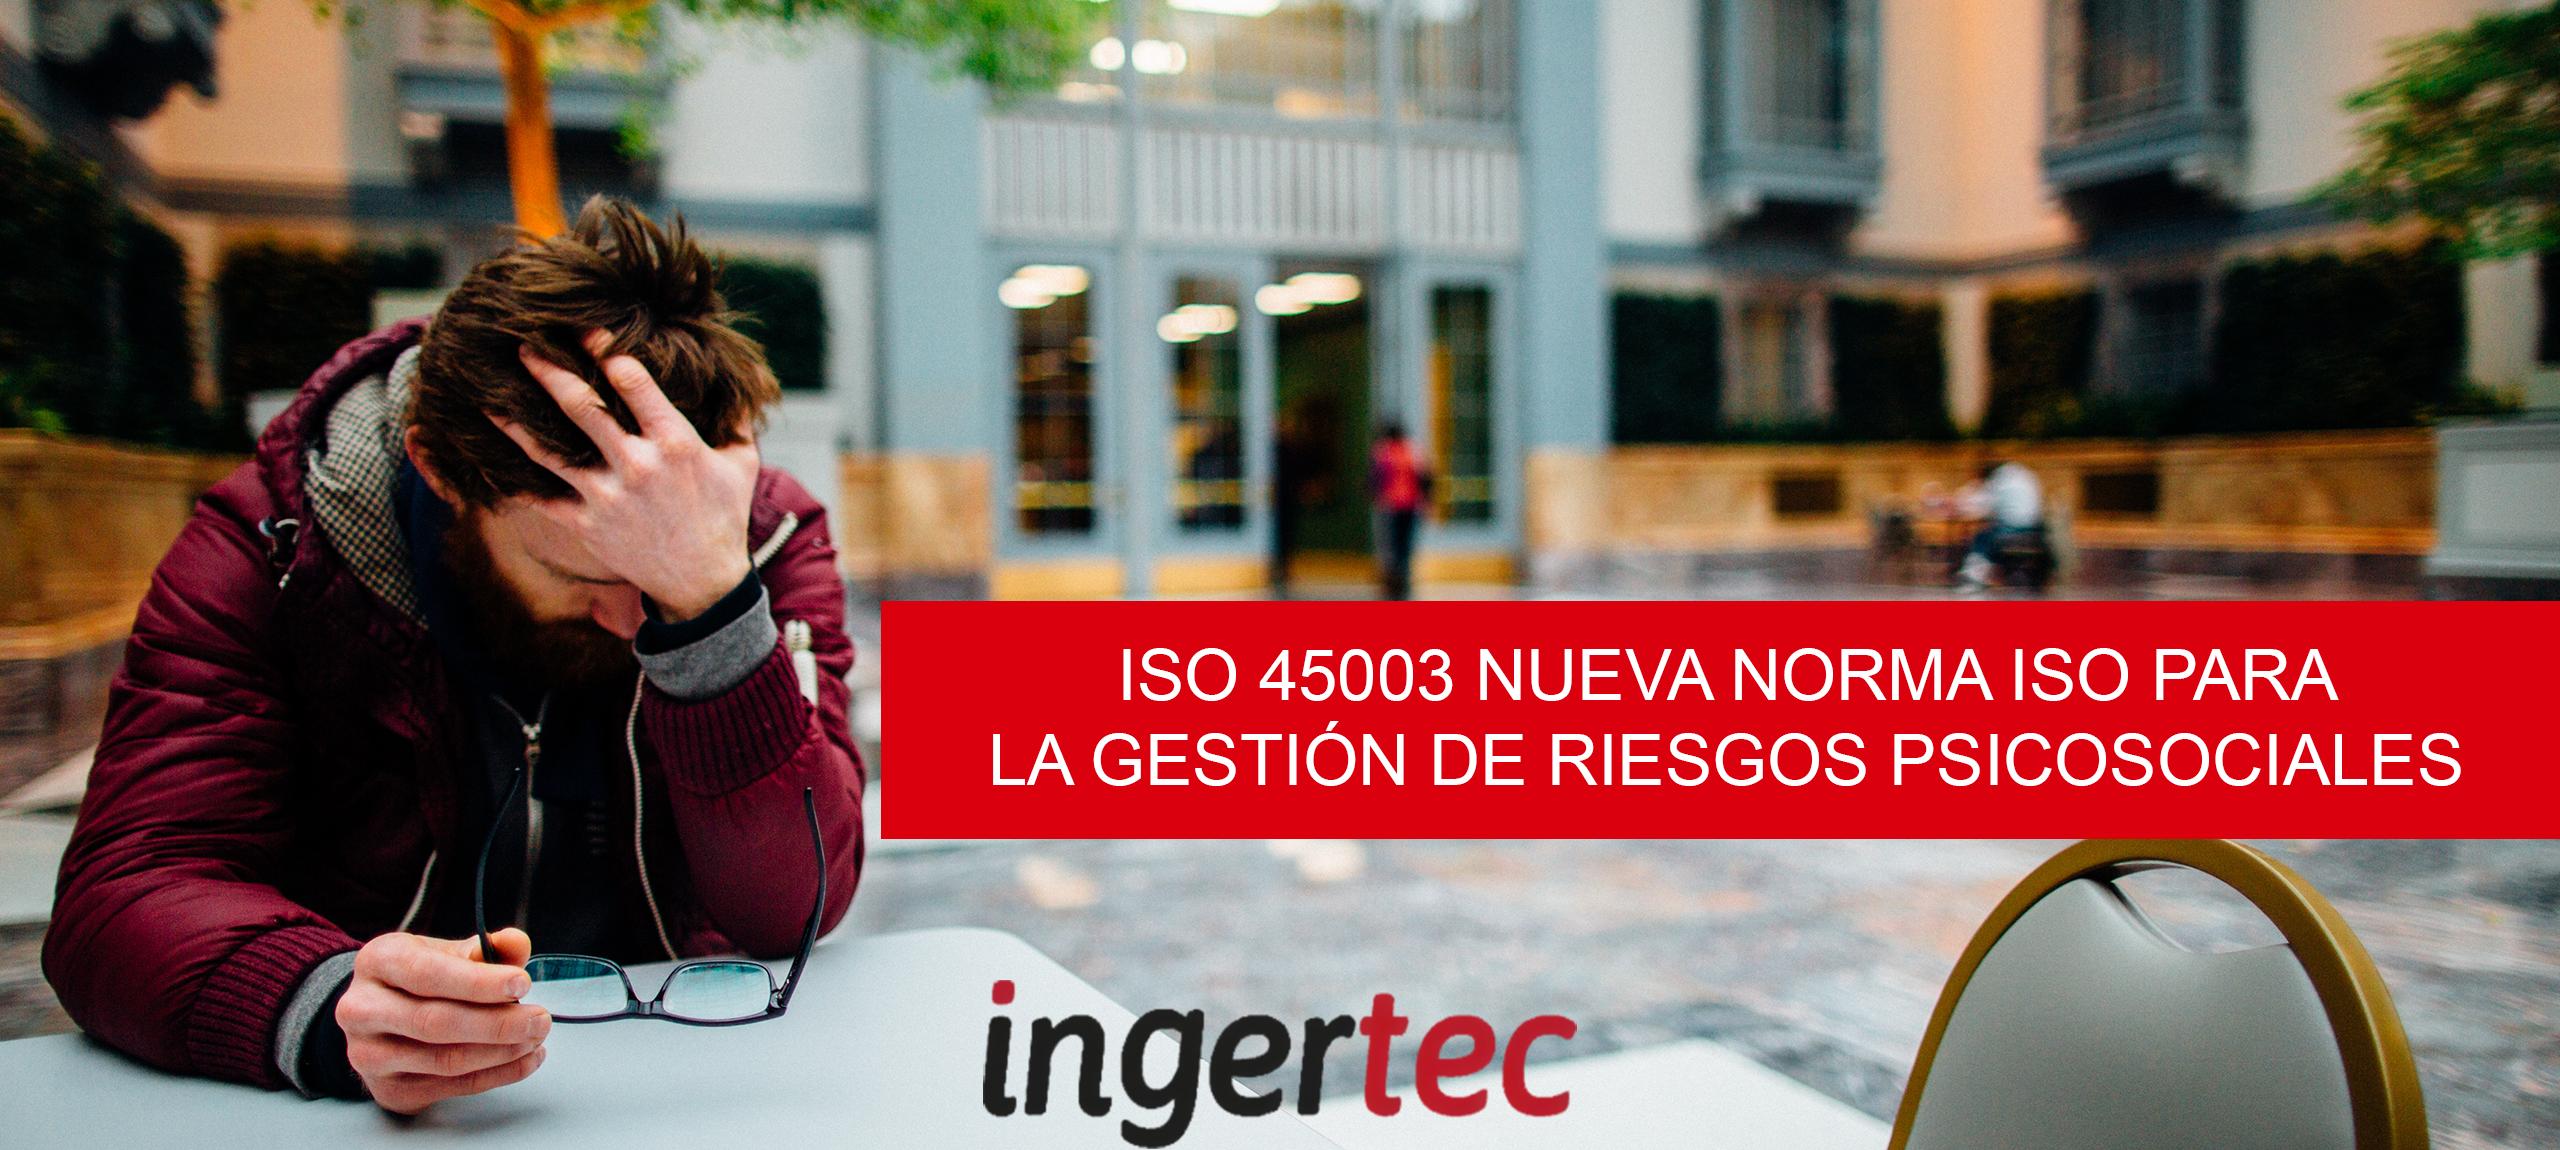 ISO 45003 nueva norma ISO para la gestión de riesgos psicosociales